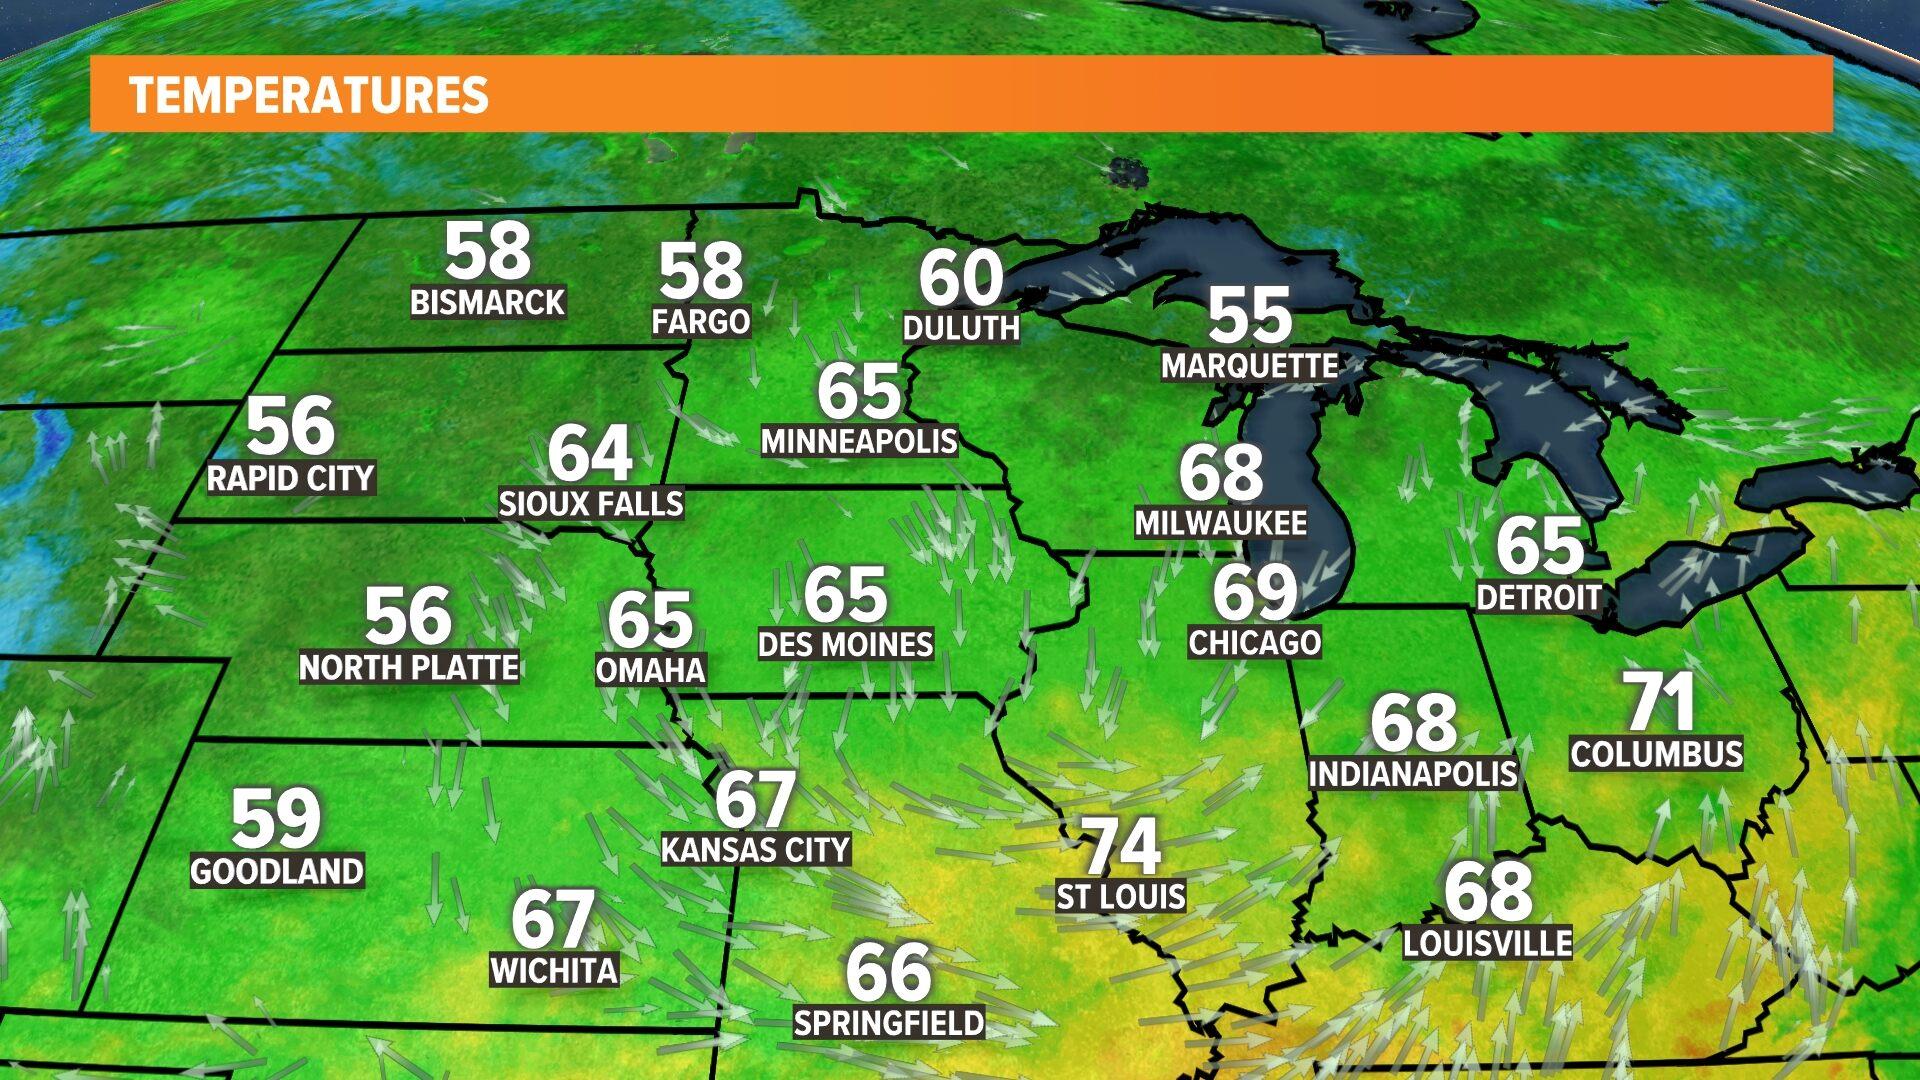 Midwest Temperatures